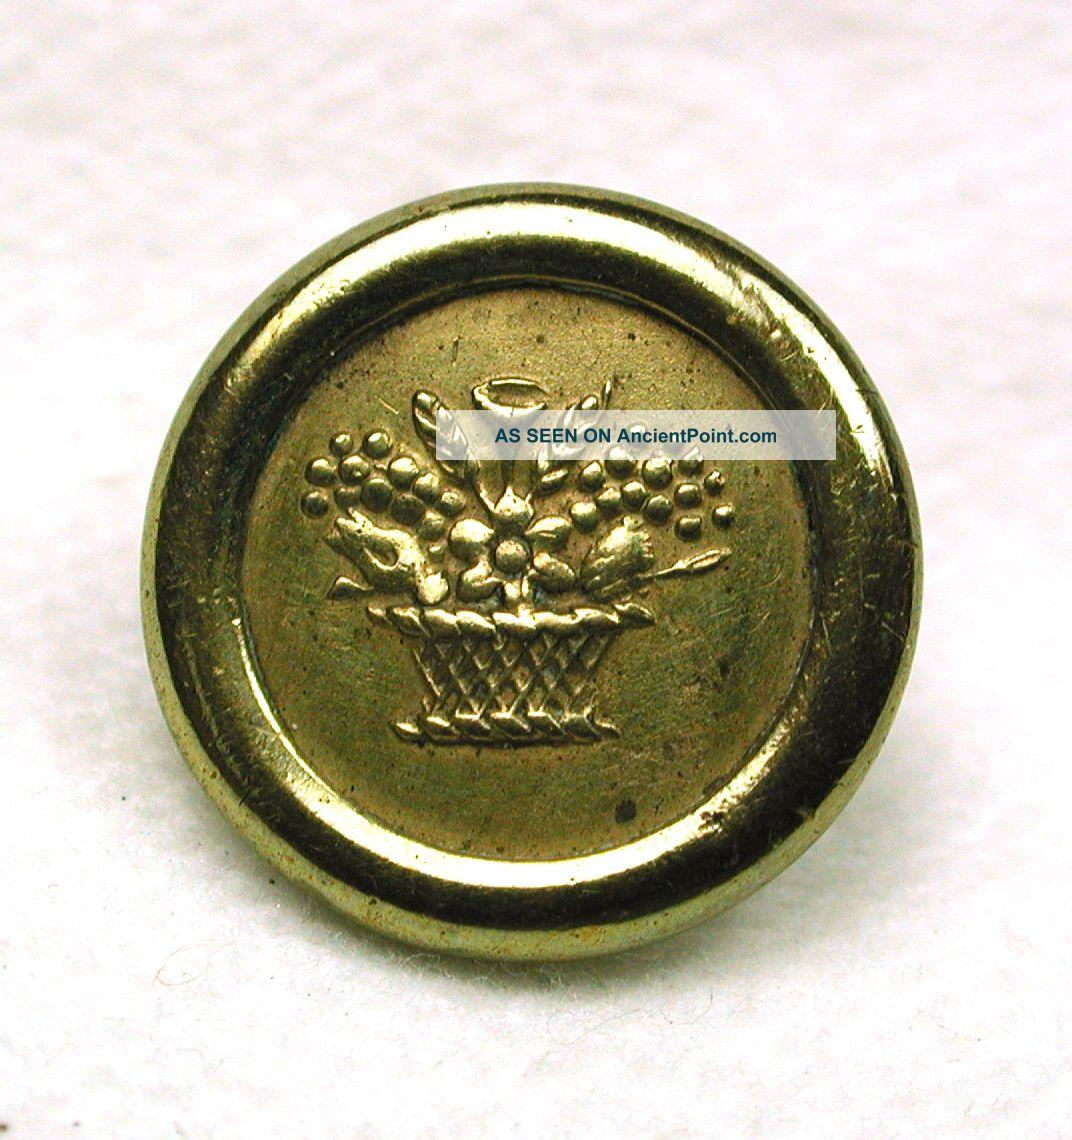 Antique Brass Jacksonian Button Flower Basket Design Buttons photo